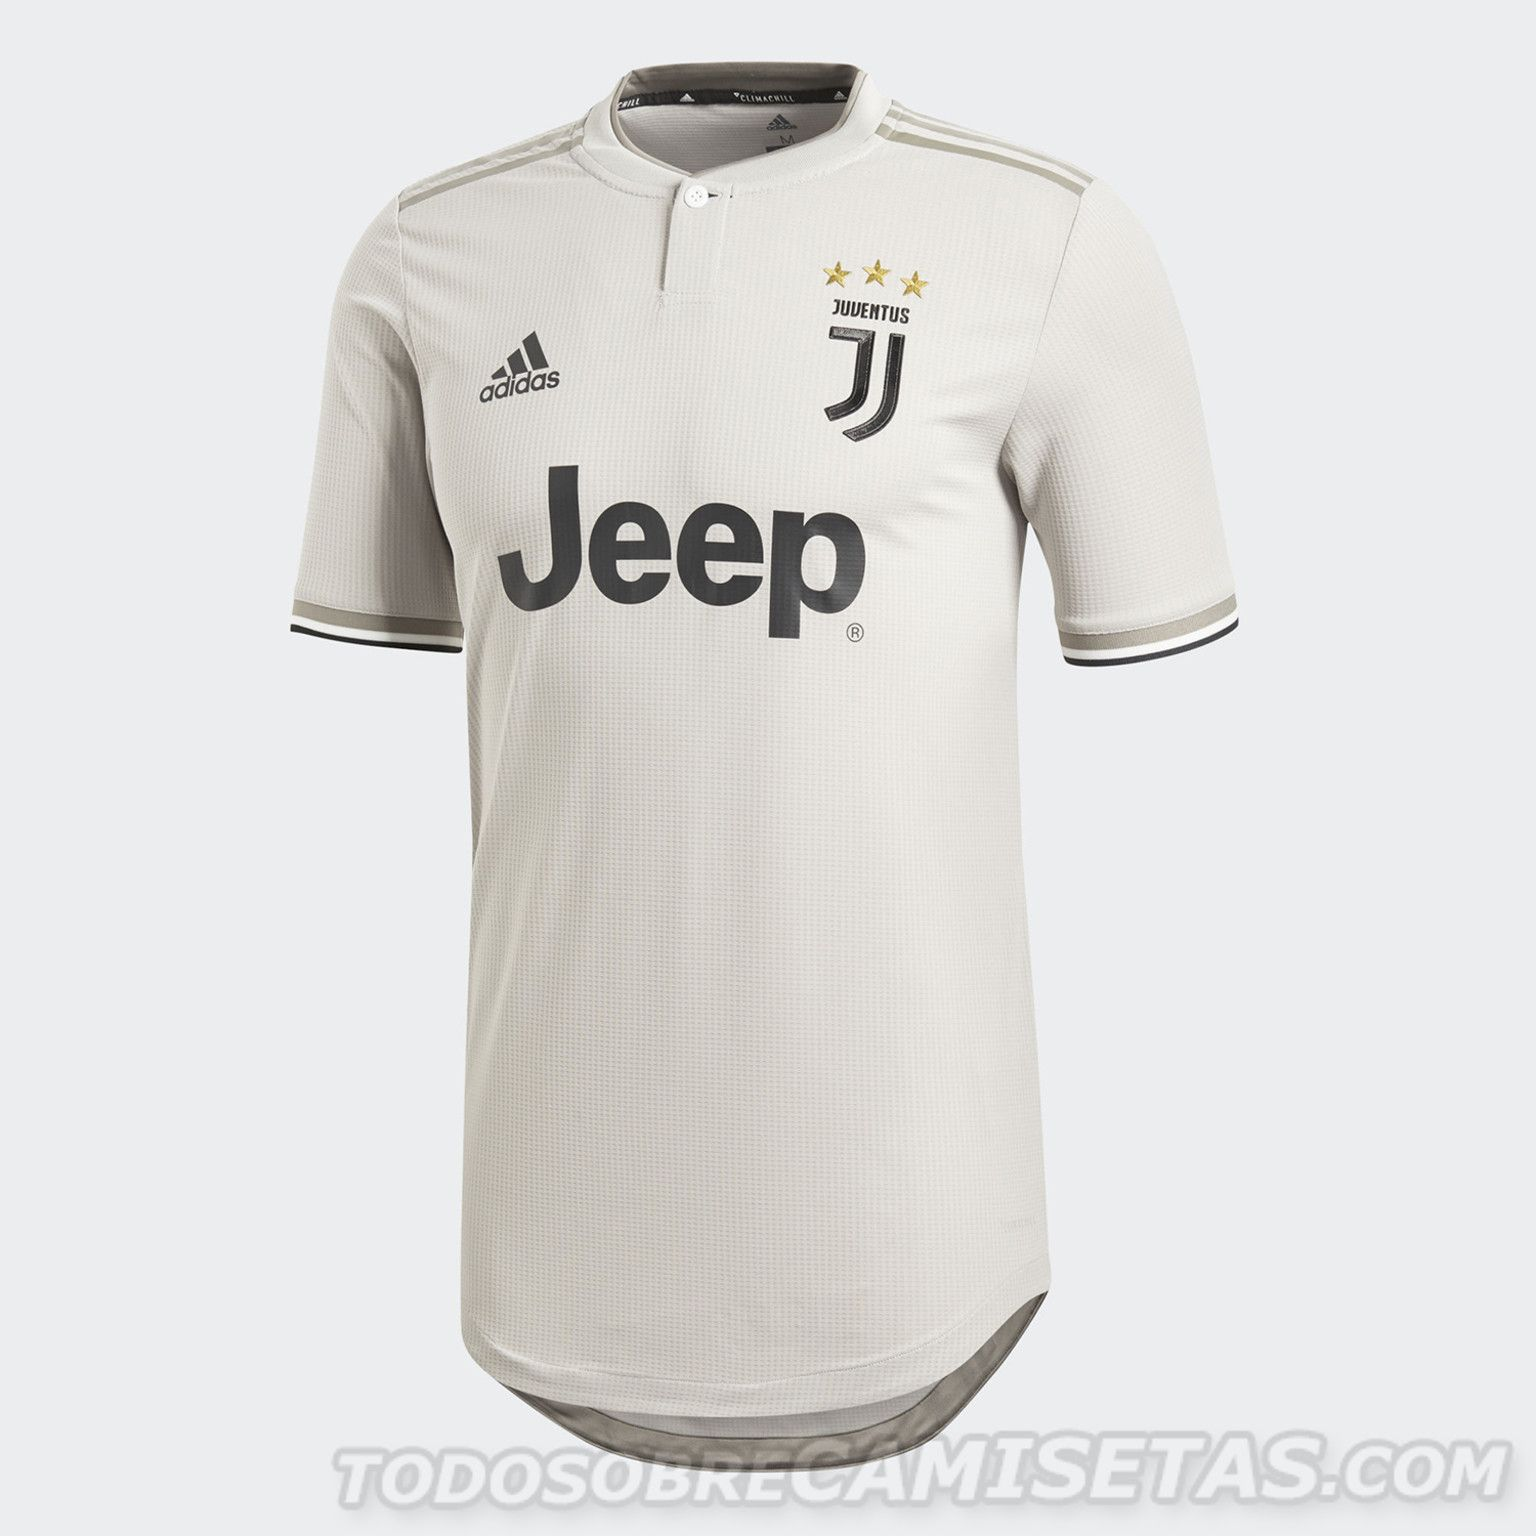 53dfdda458a91 Juventus FC adidas Away Kit 2018-19